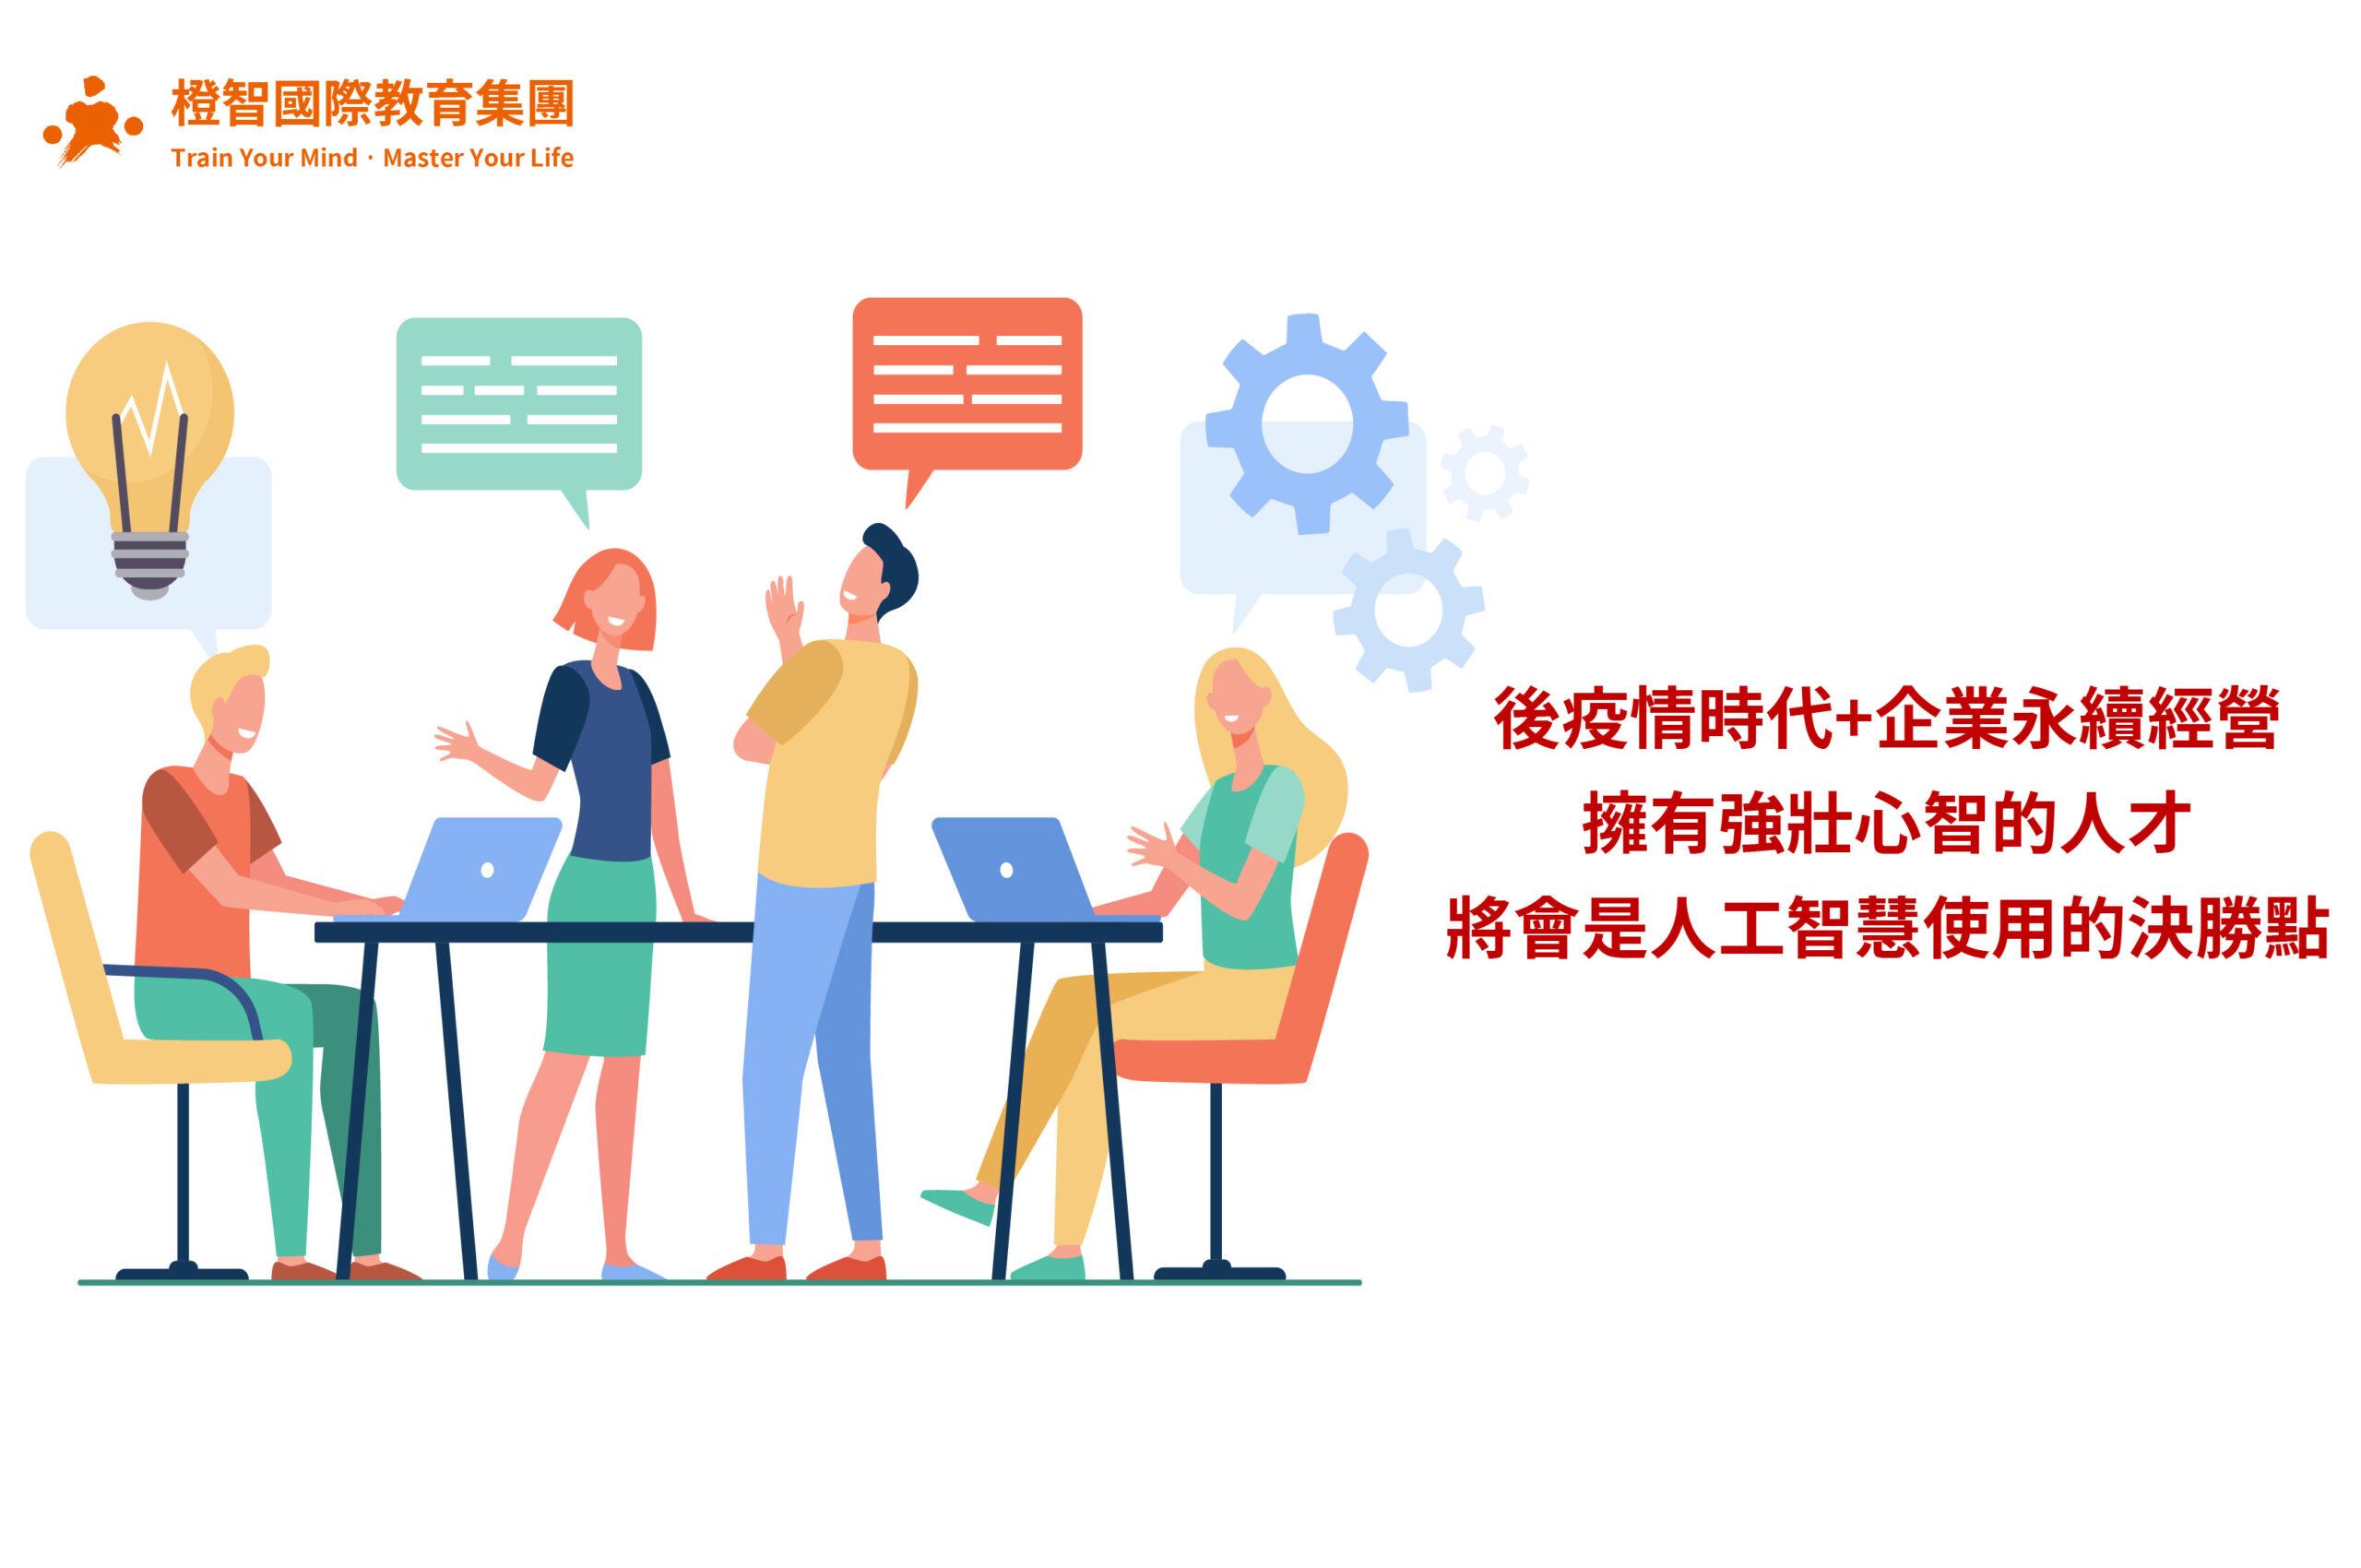 2021年度企業教育訓練課程!立即索取企業Mind Training心智效能訓練主題